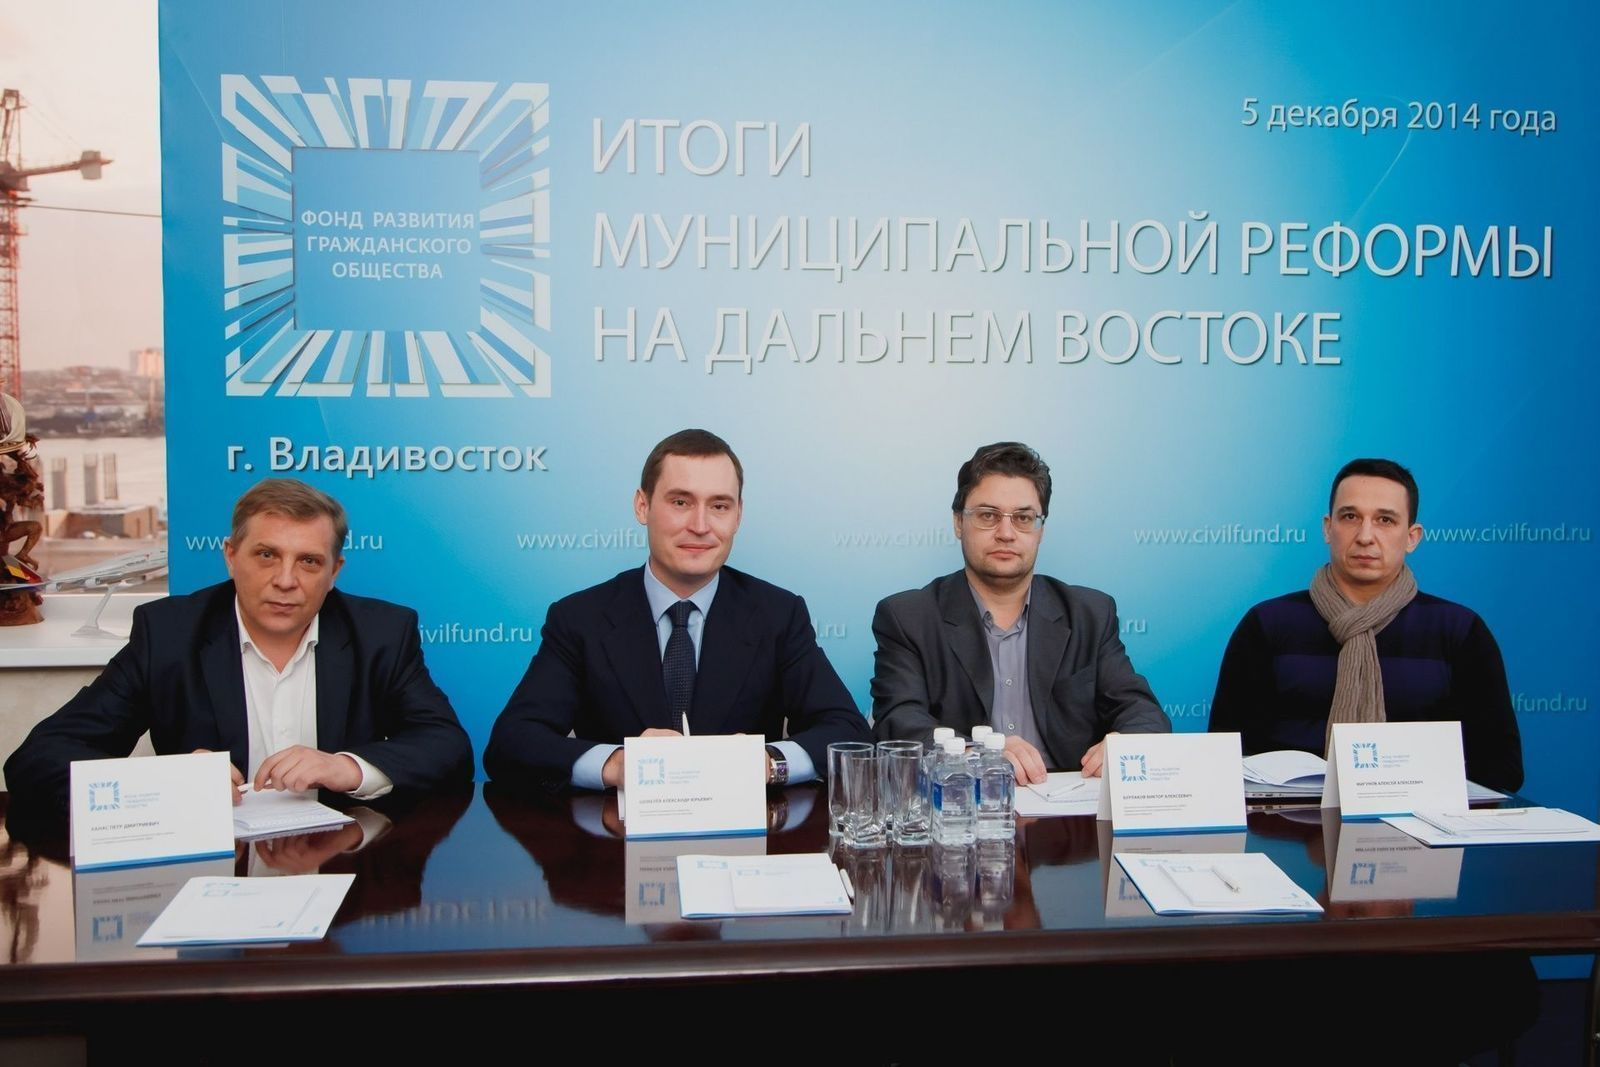 Муниципальная реформа в Якутии: революции не будет